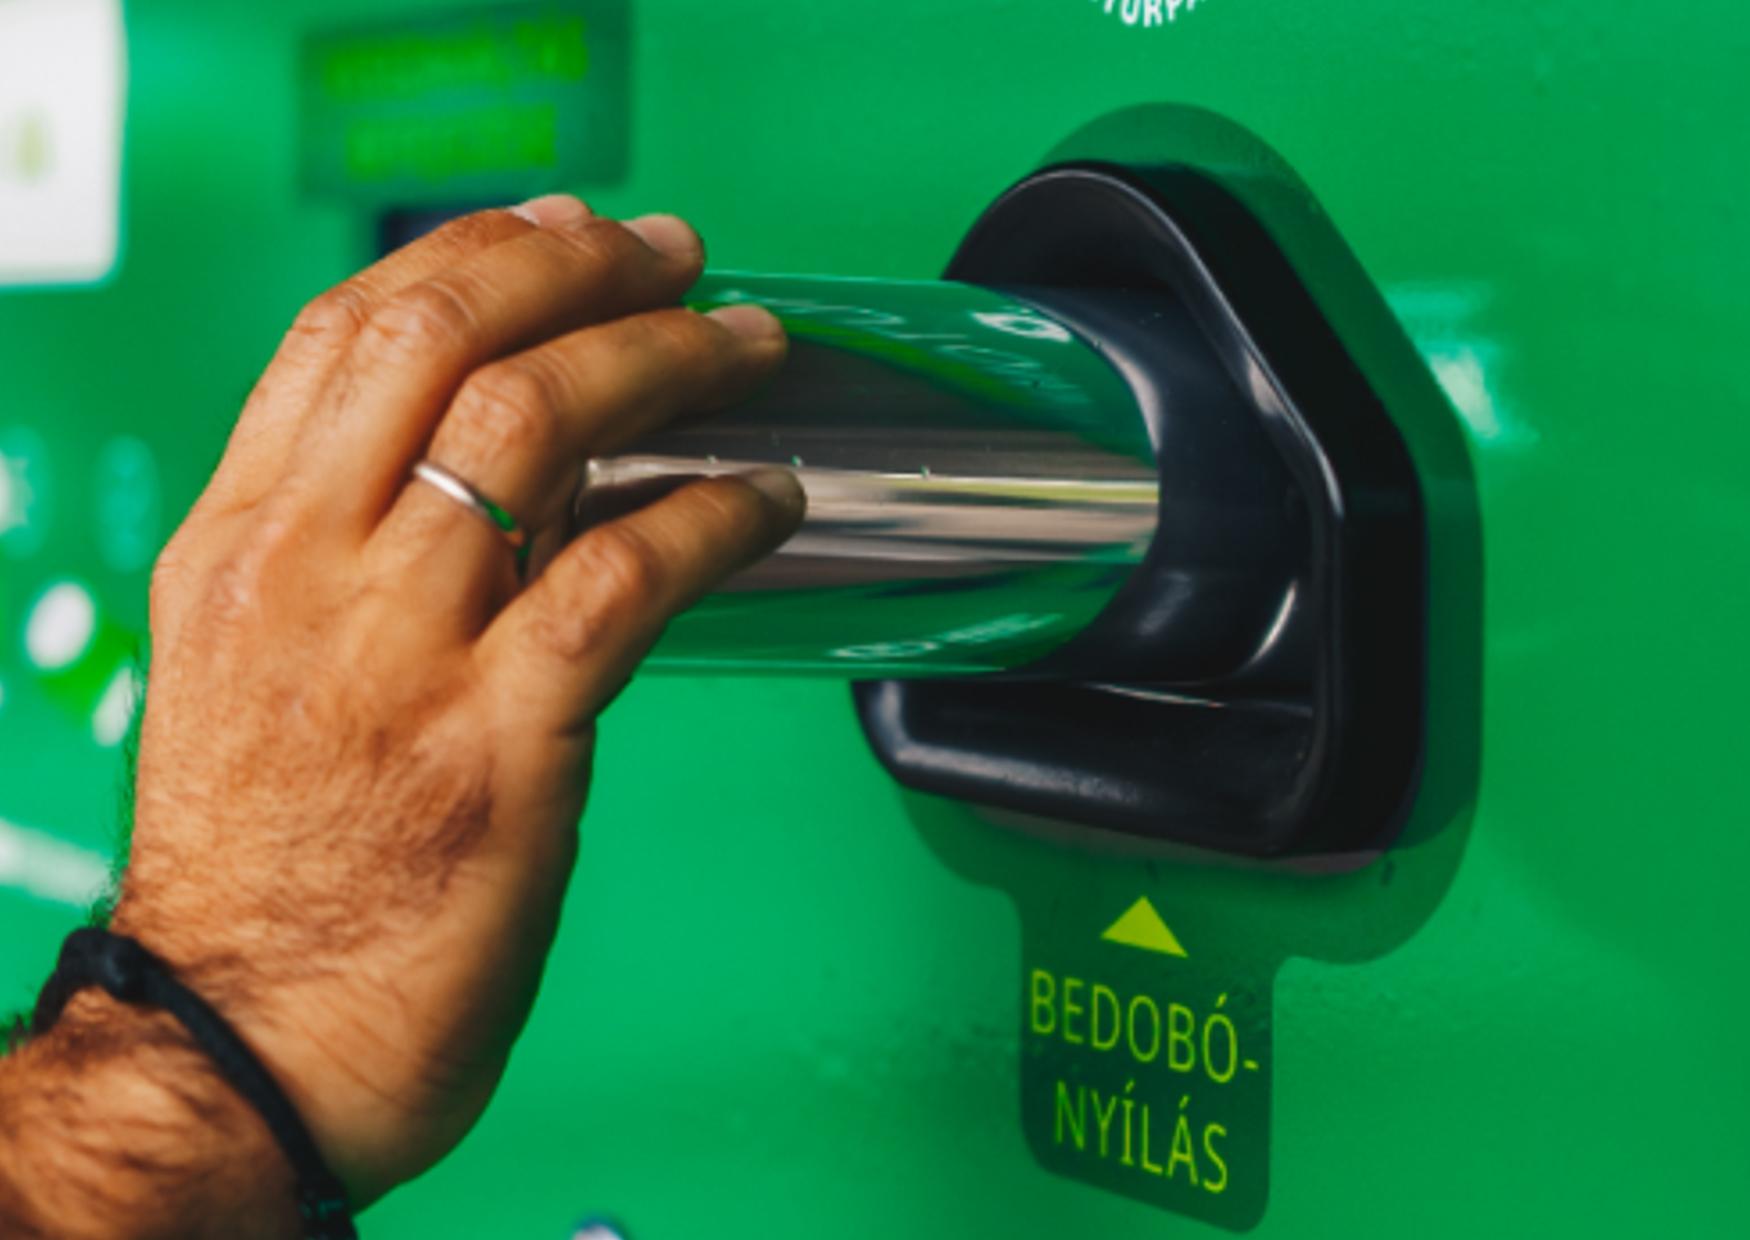 Egy kutatás szerint a magyarok 91%-a választana környezetbarát csomagolást